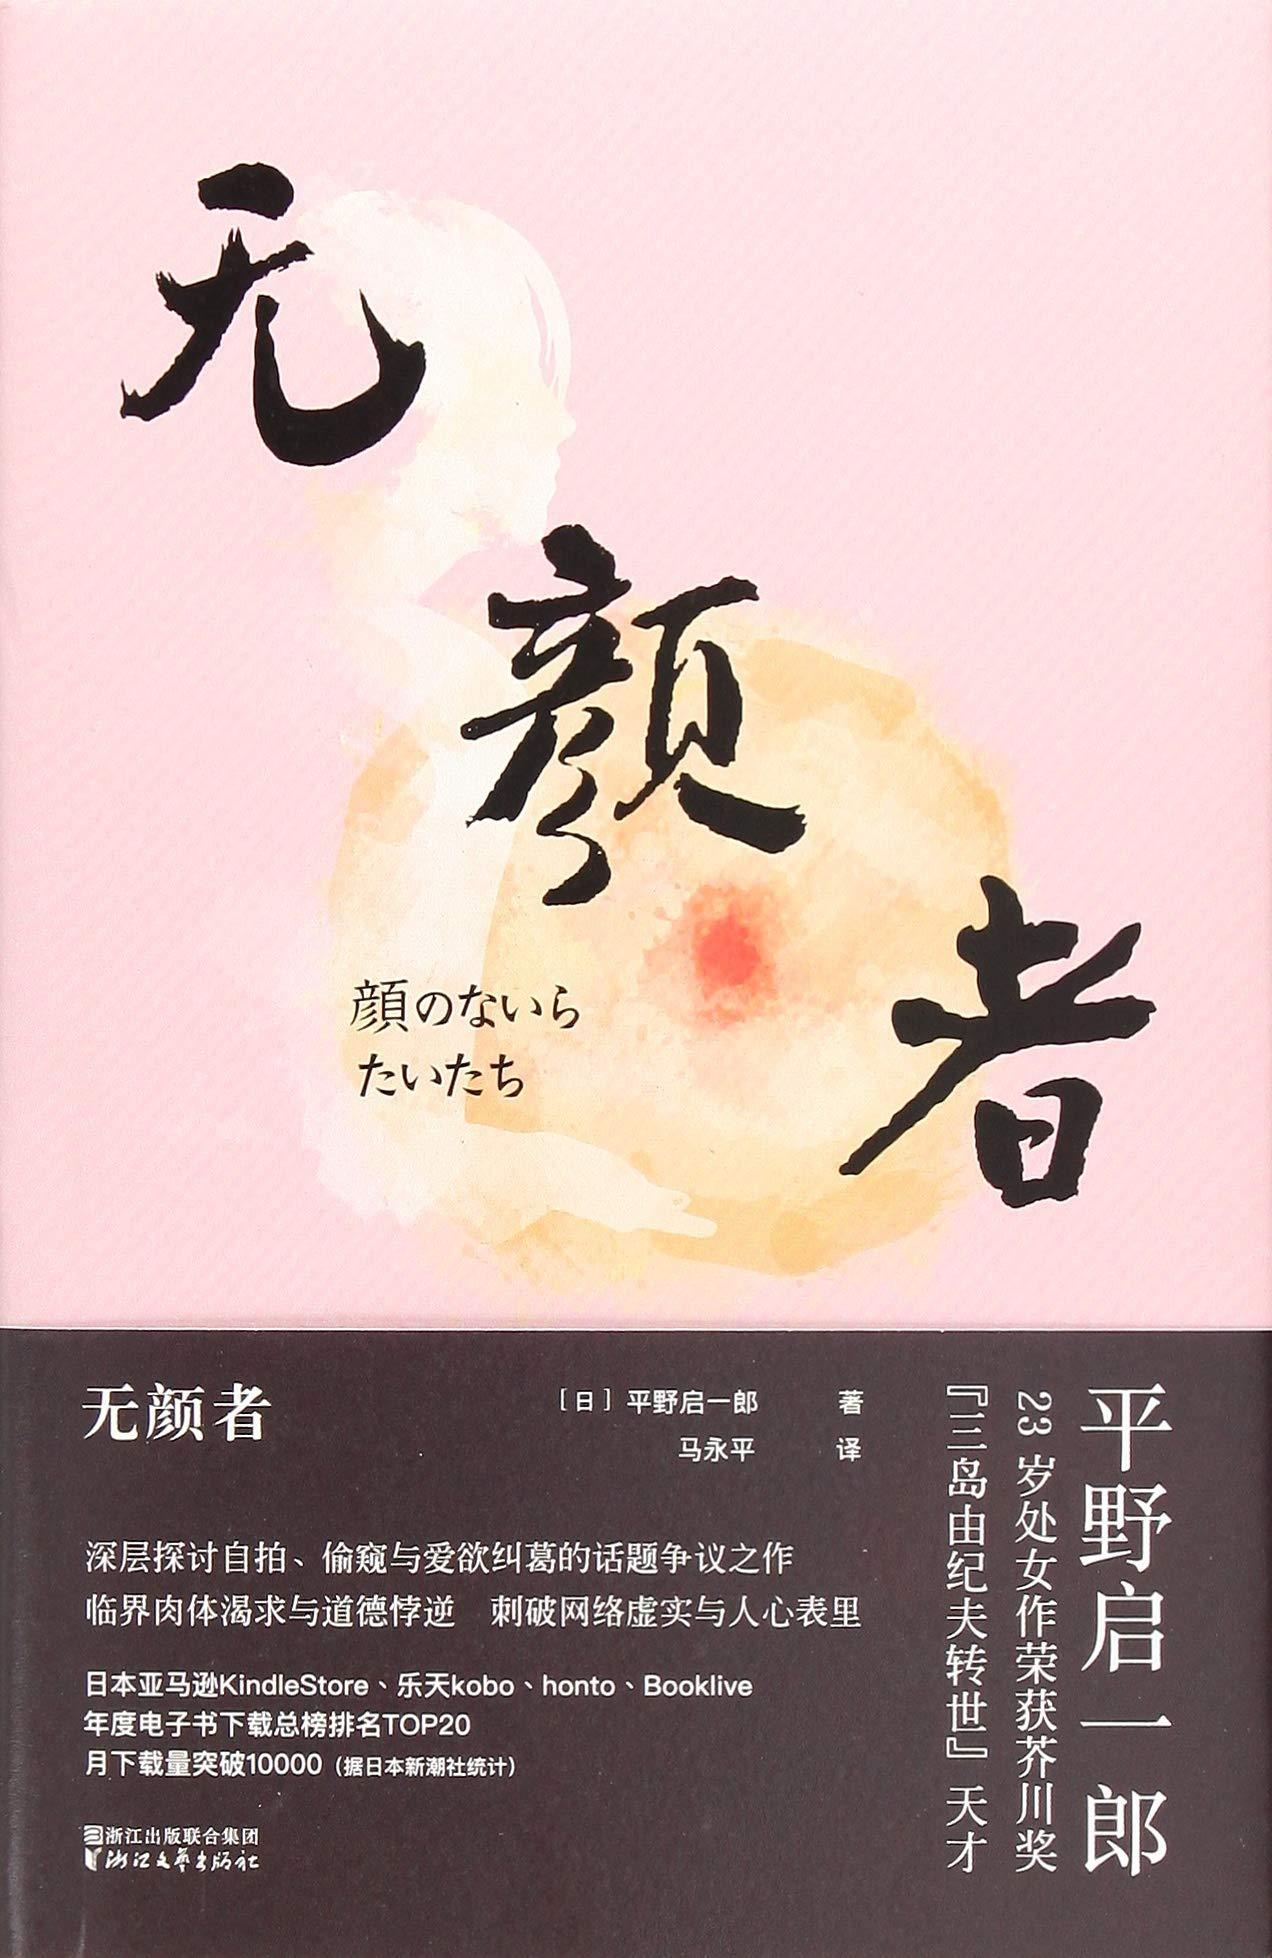 【中国語簡体字版】顔のない裸体たち